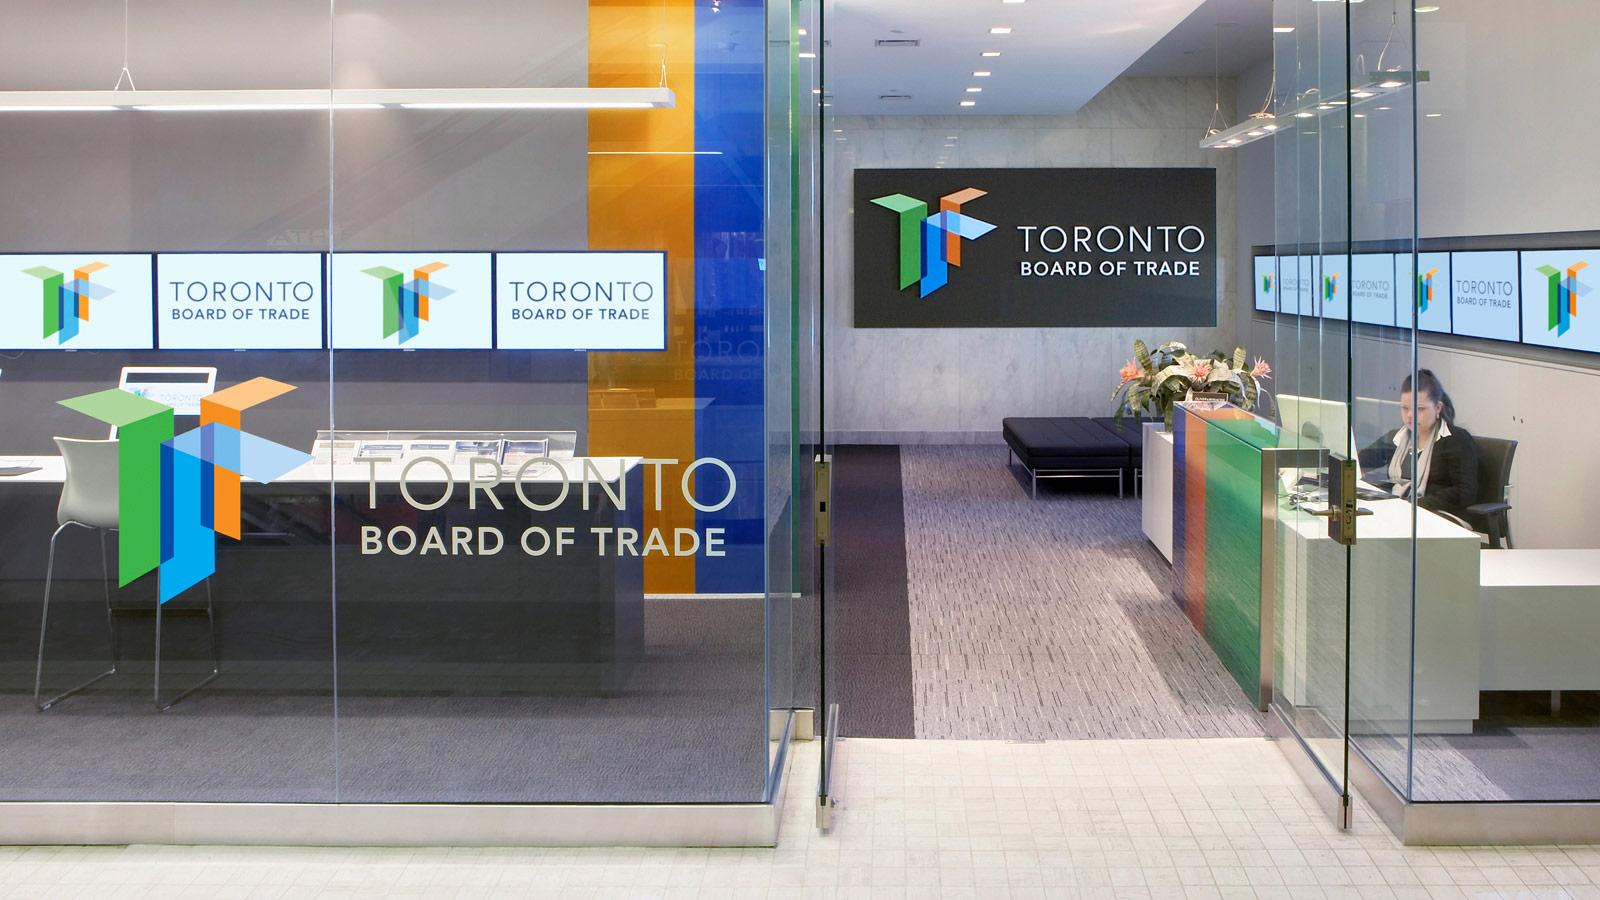 Toronto Board of Trade   Identité de marque   Design, Stratégie de marque